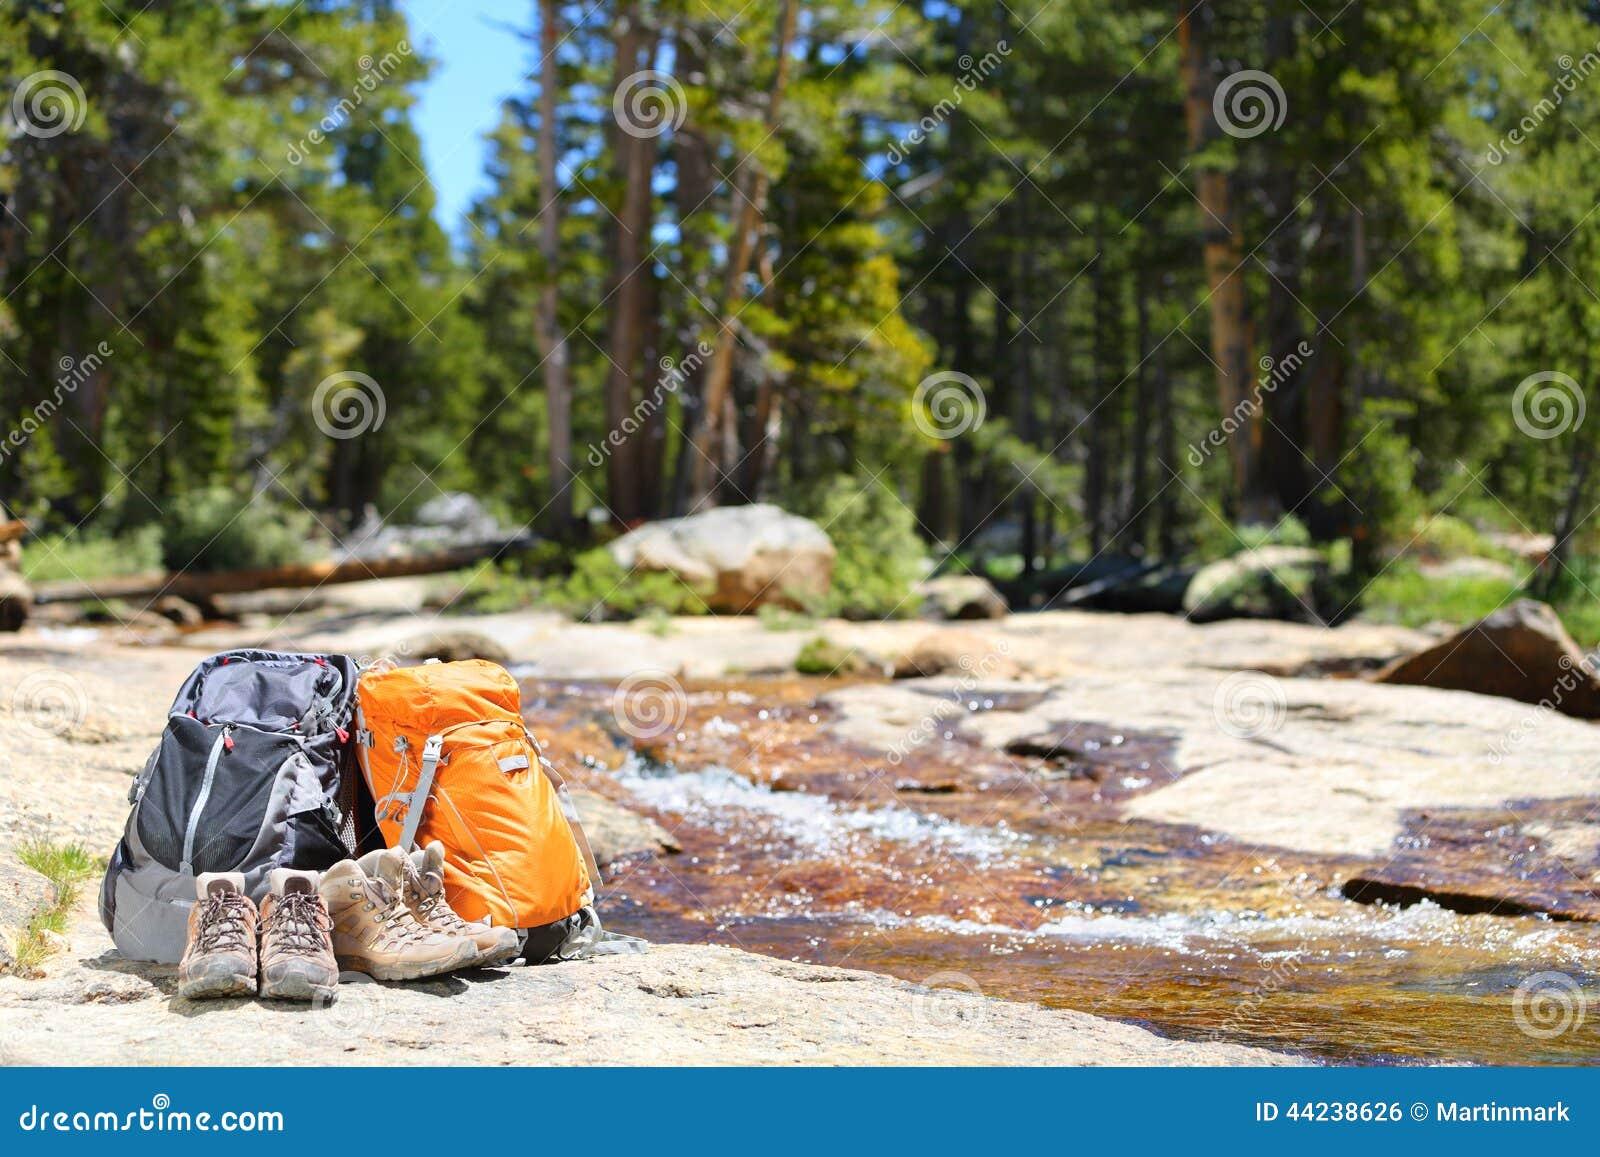 dcbbba19c8 Σακίδια πλάτης πεζοπορίας και παπούτσια οδοιπόρων - έννοια πεζοπορώ ...